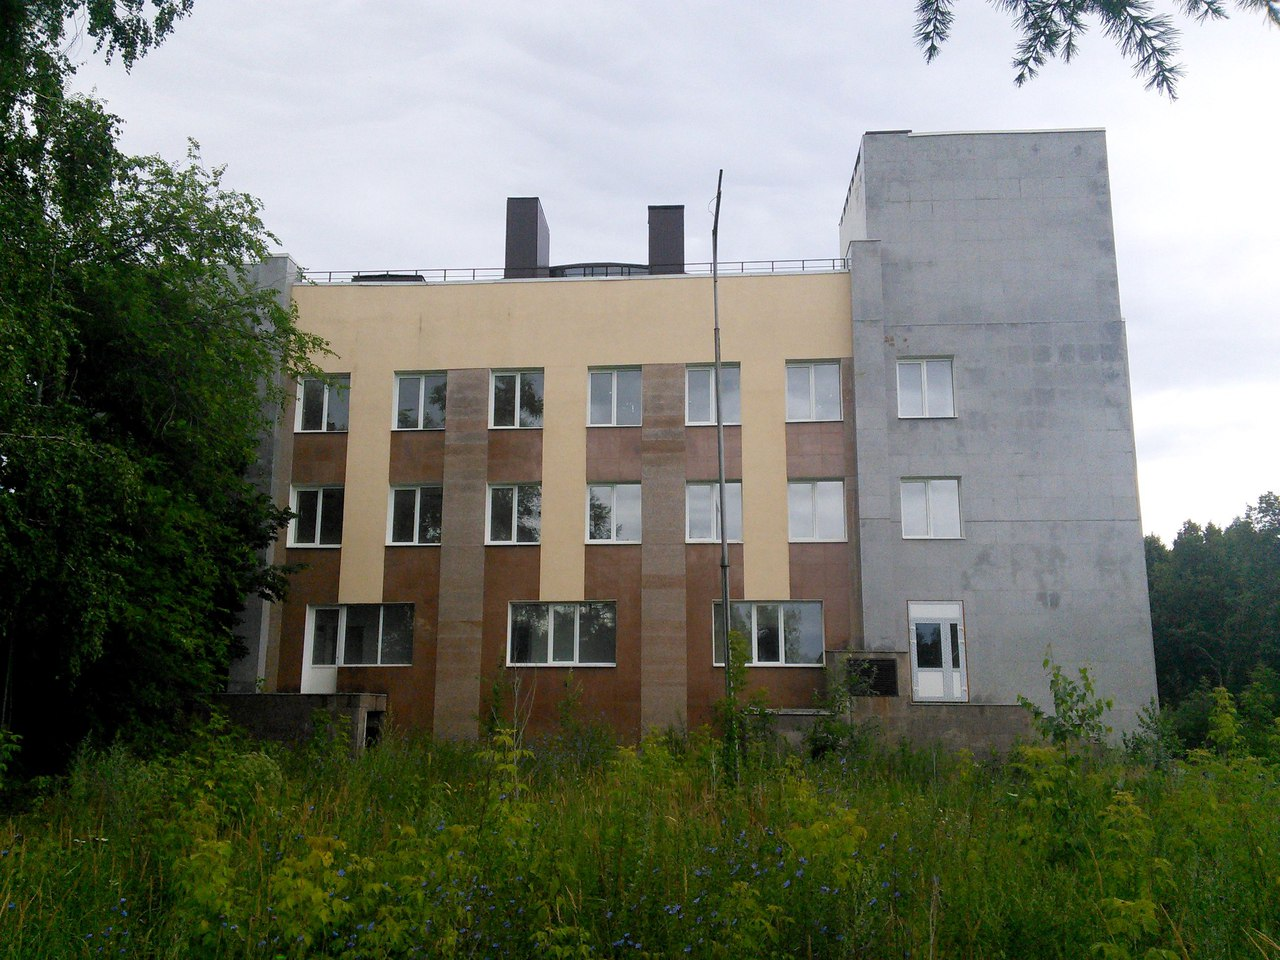 Ижевск городская больница воткинское шоссе 57